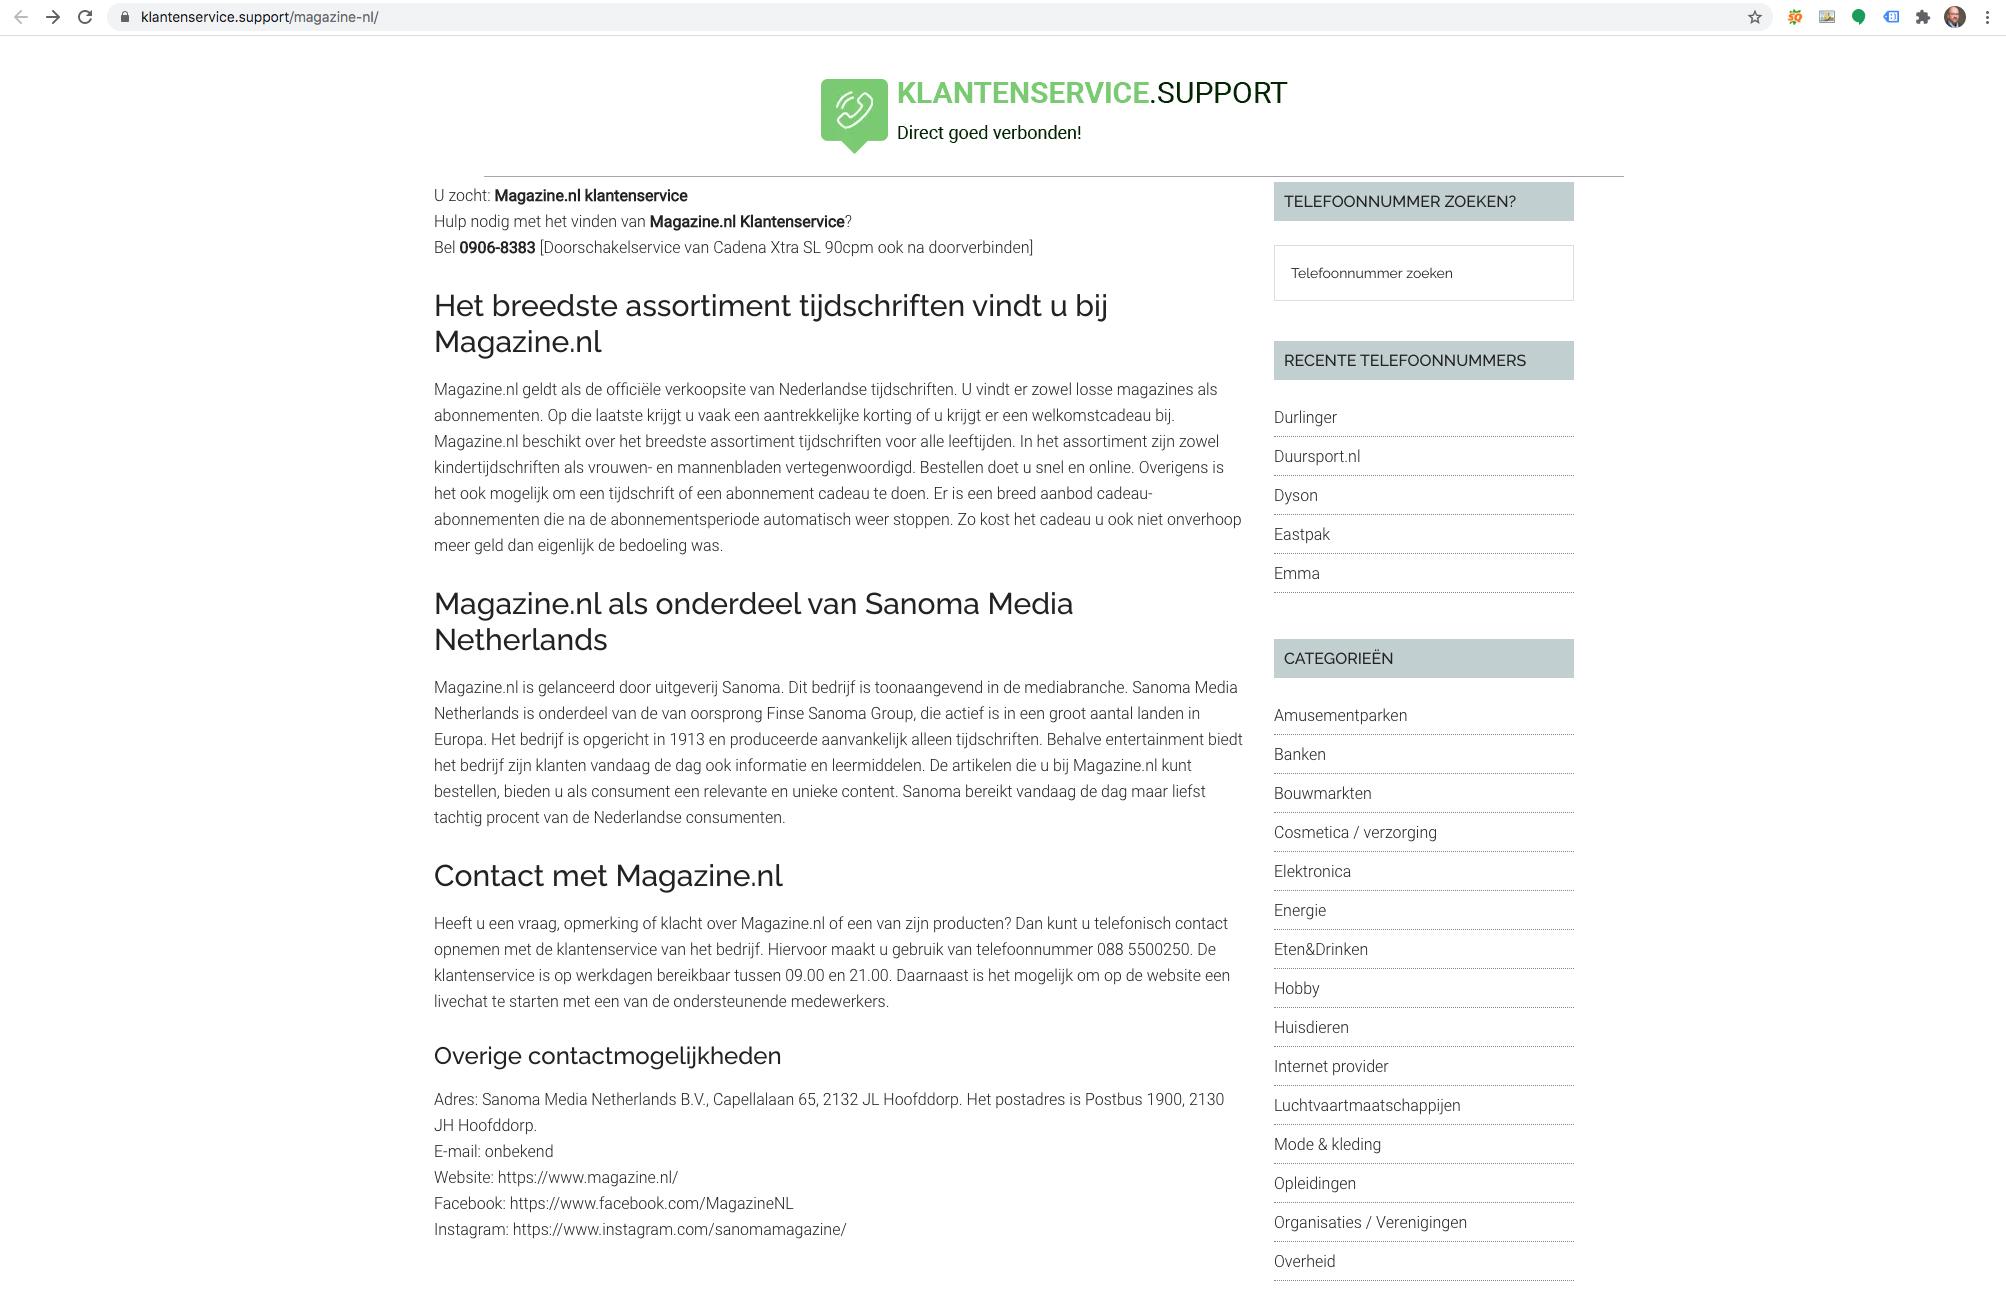 klantenservice_support_magazine-nl copy